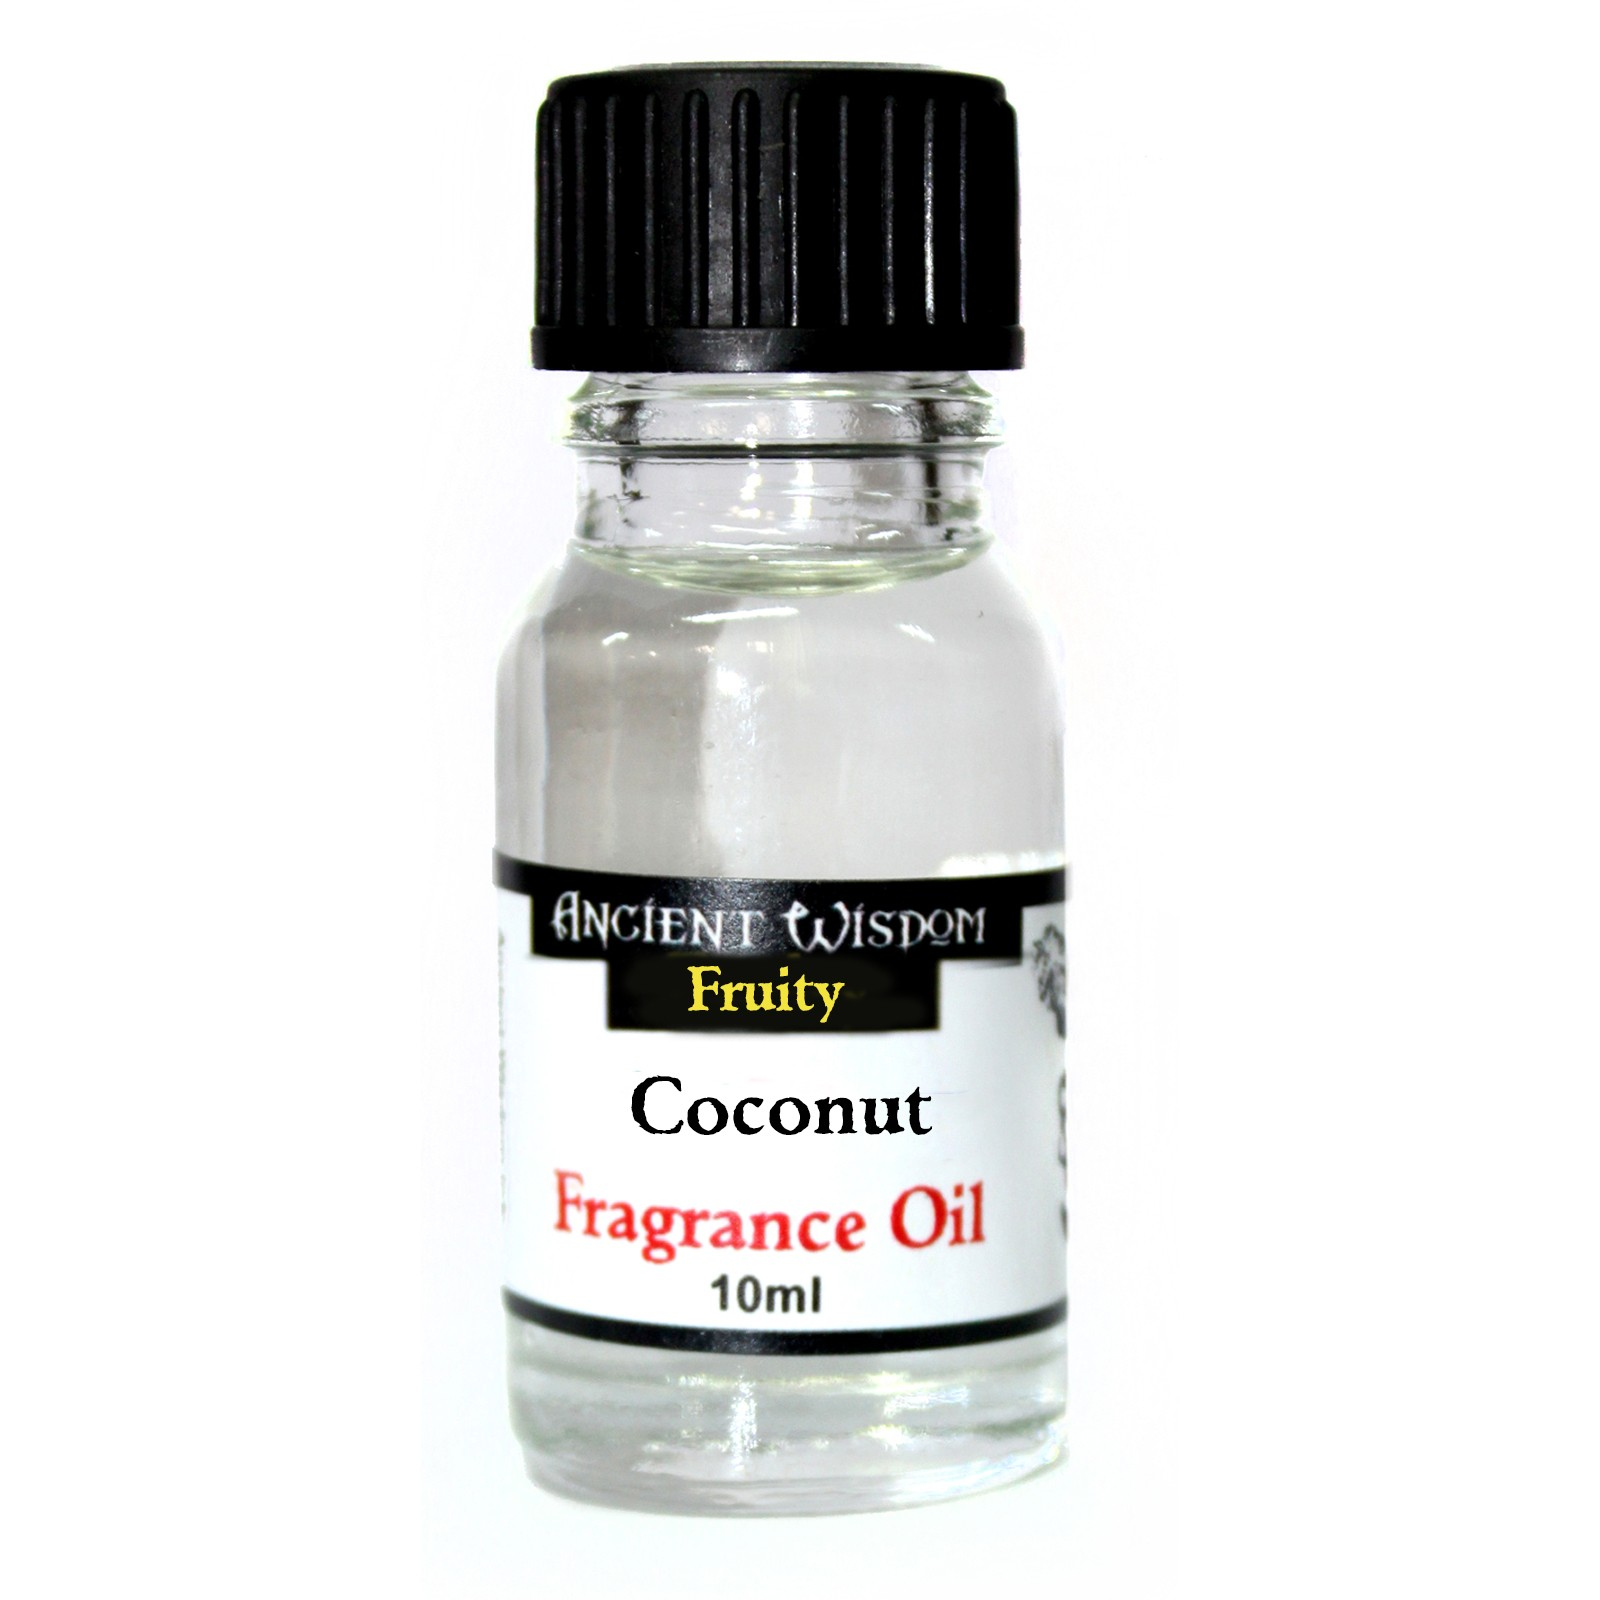 10ml Coconut Fragrance Oil